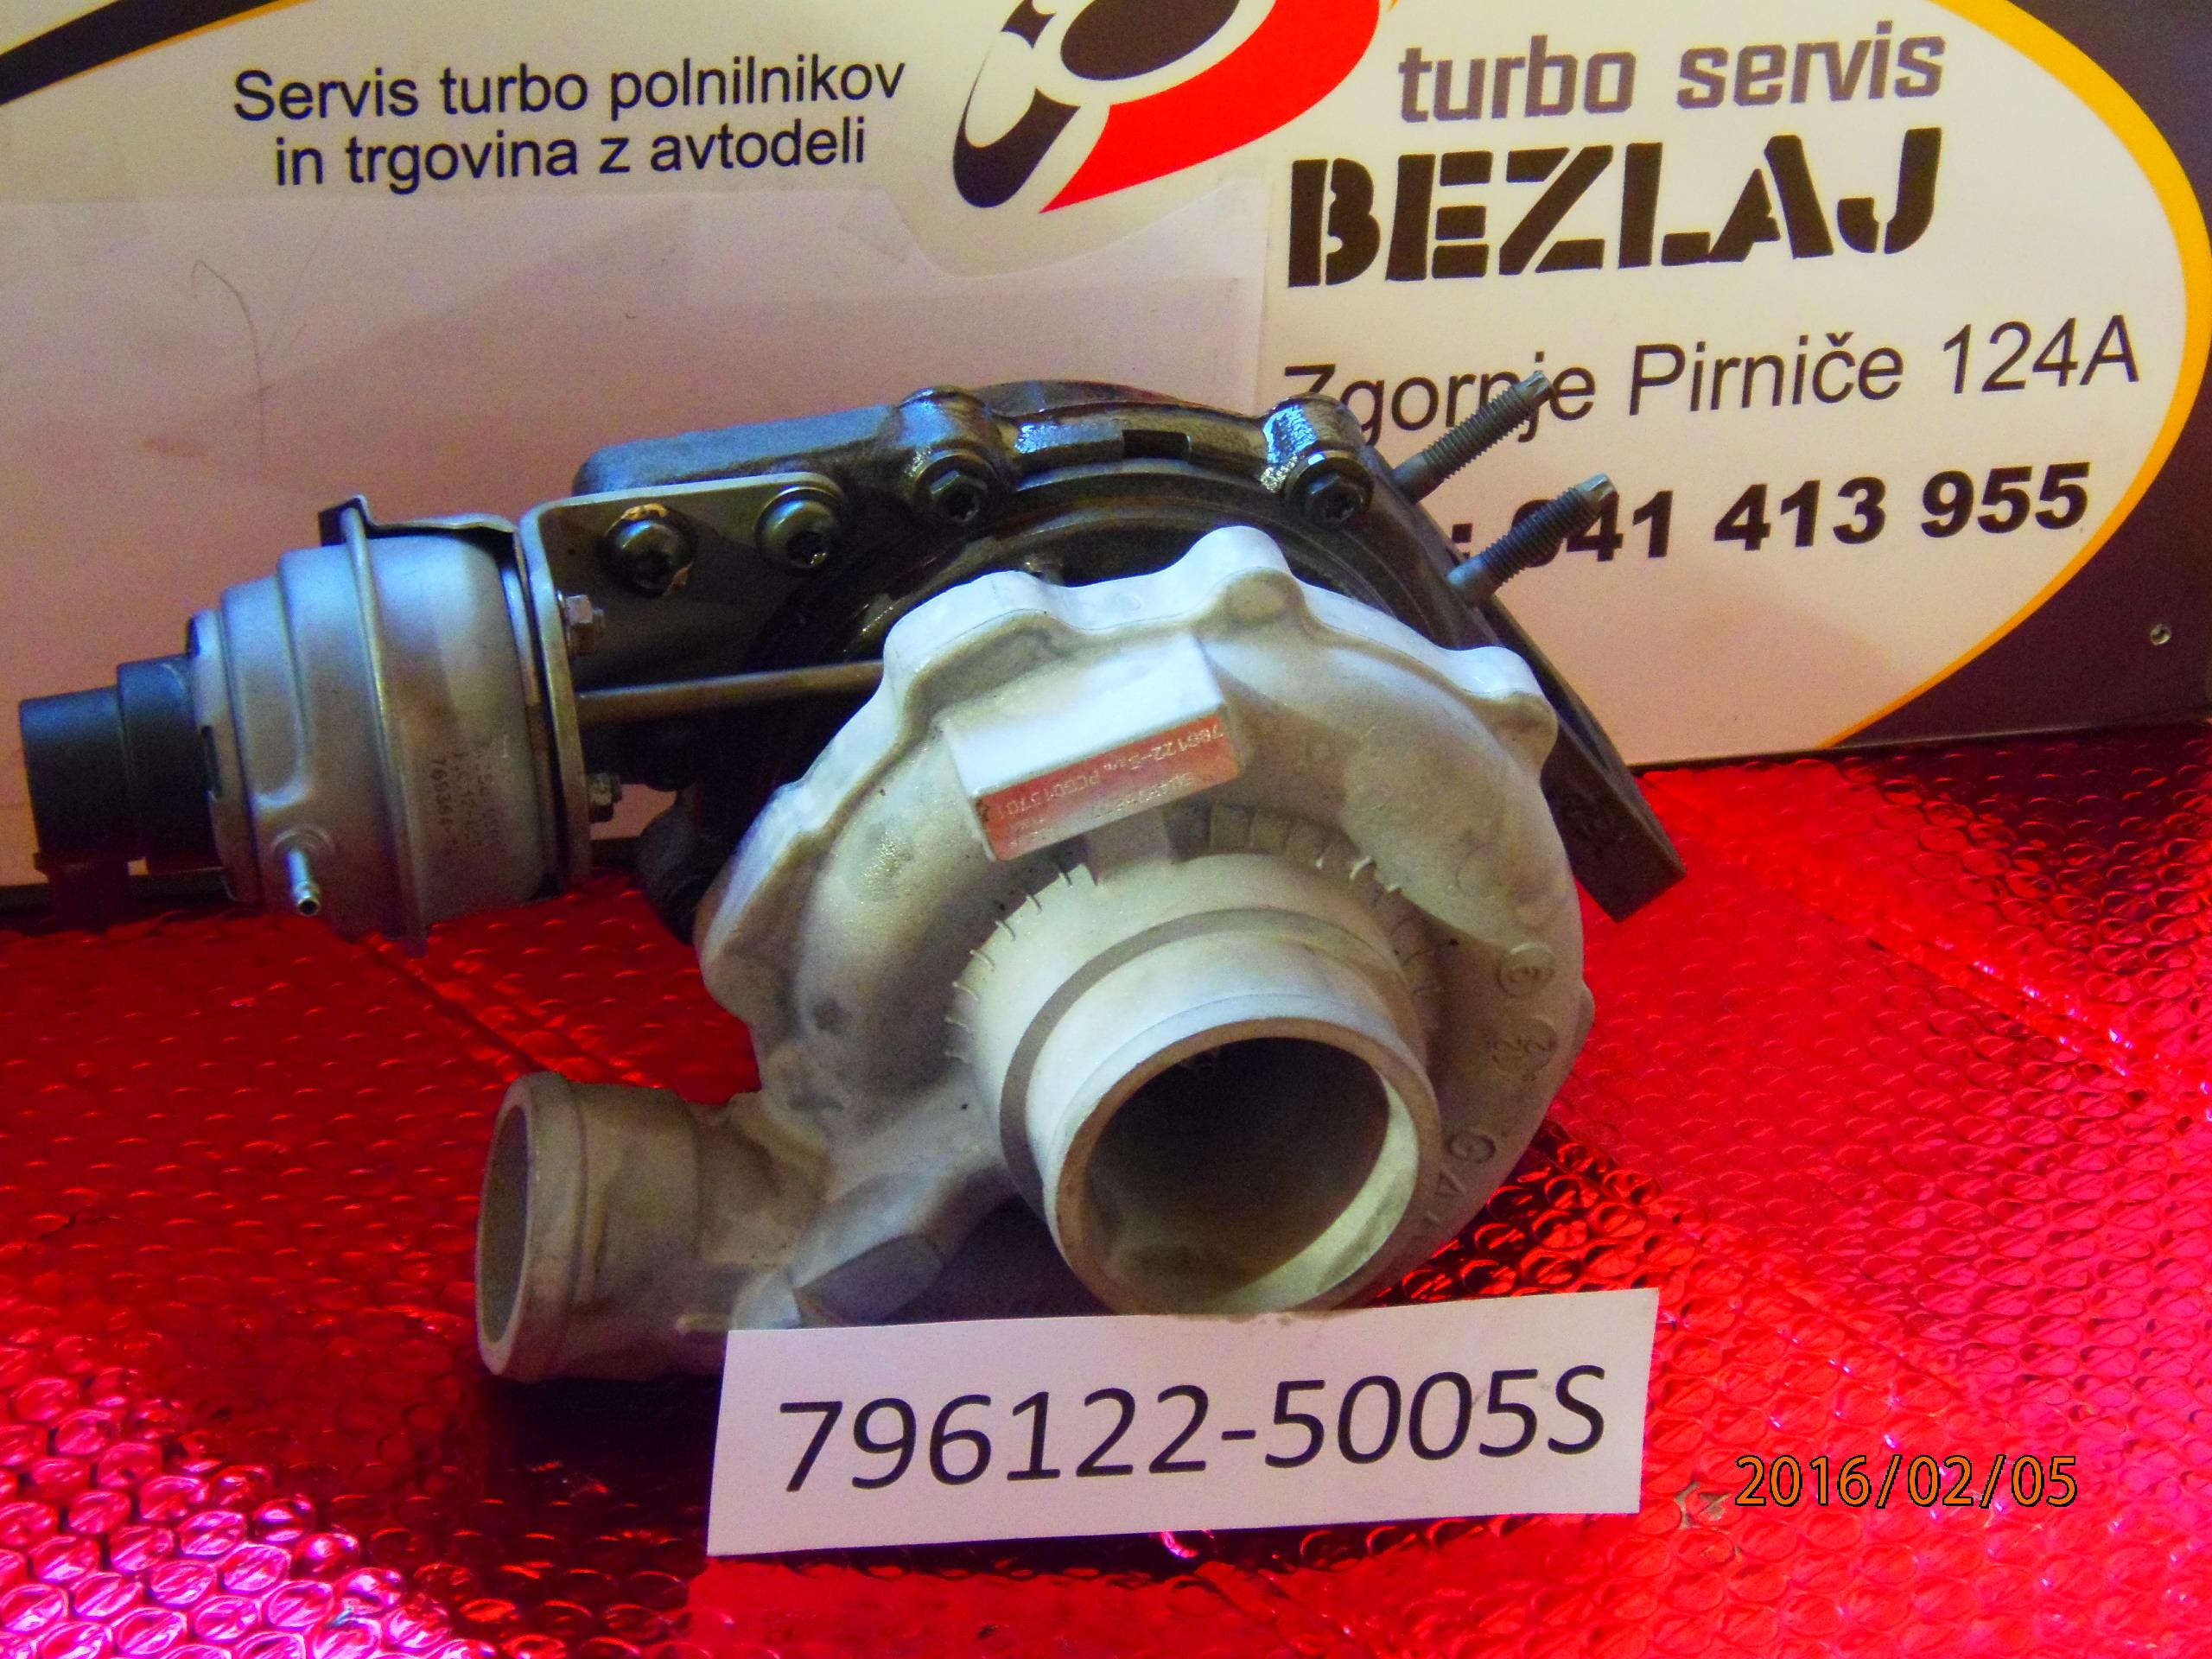 turbo796122-5005s